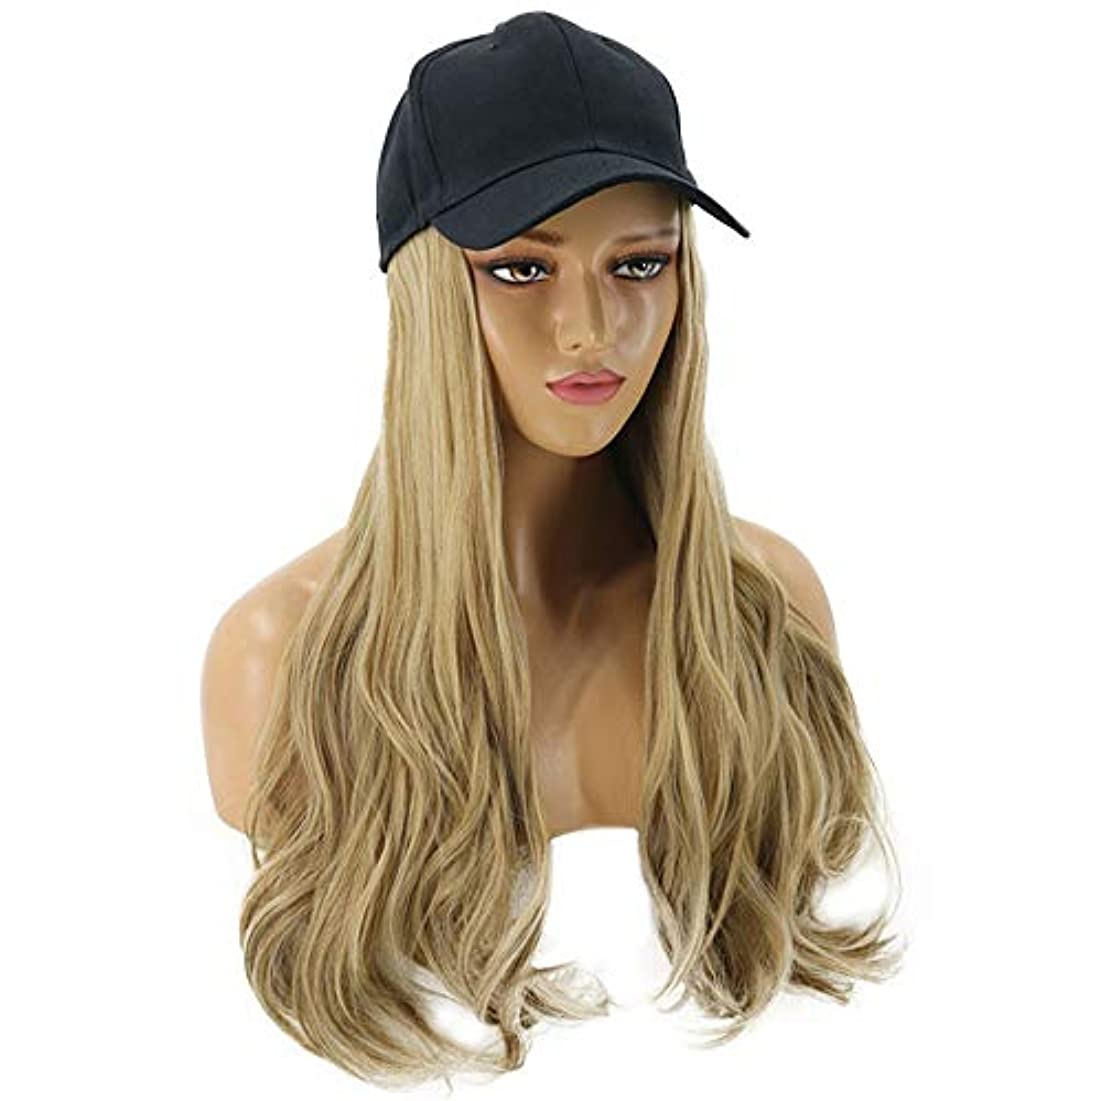 広々ヒューズ科学HAILAN HOME-かつら 女性のファッションノベルティかつらハットワンピース帽子ウィッグForesightfulカーリーヘアグラデーションブラウンワンピース取り外し可能 (色 : Mixed gold)